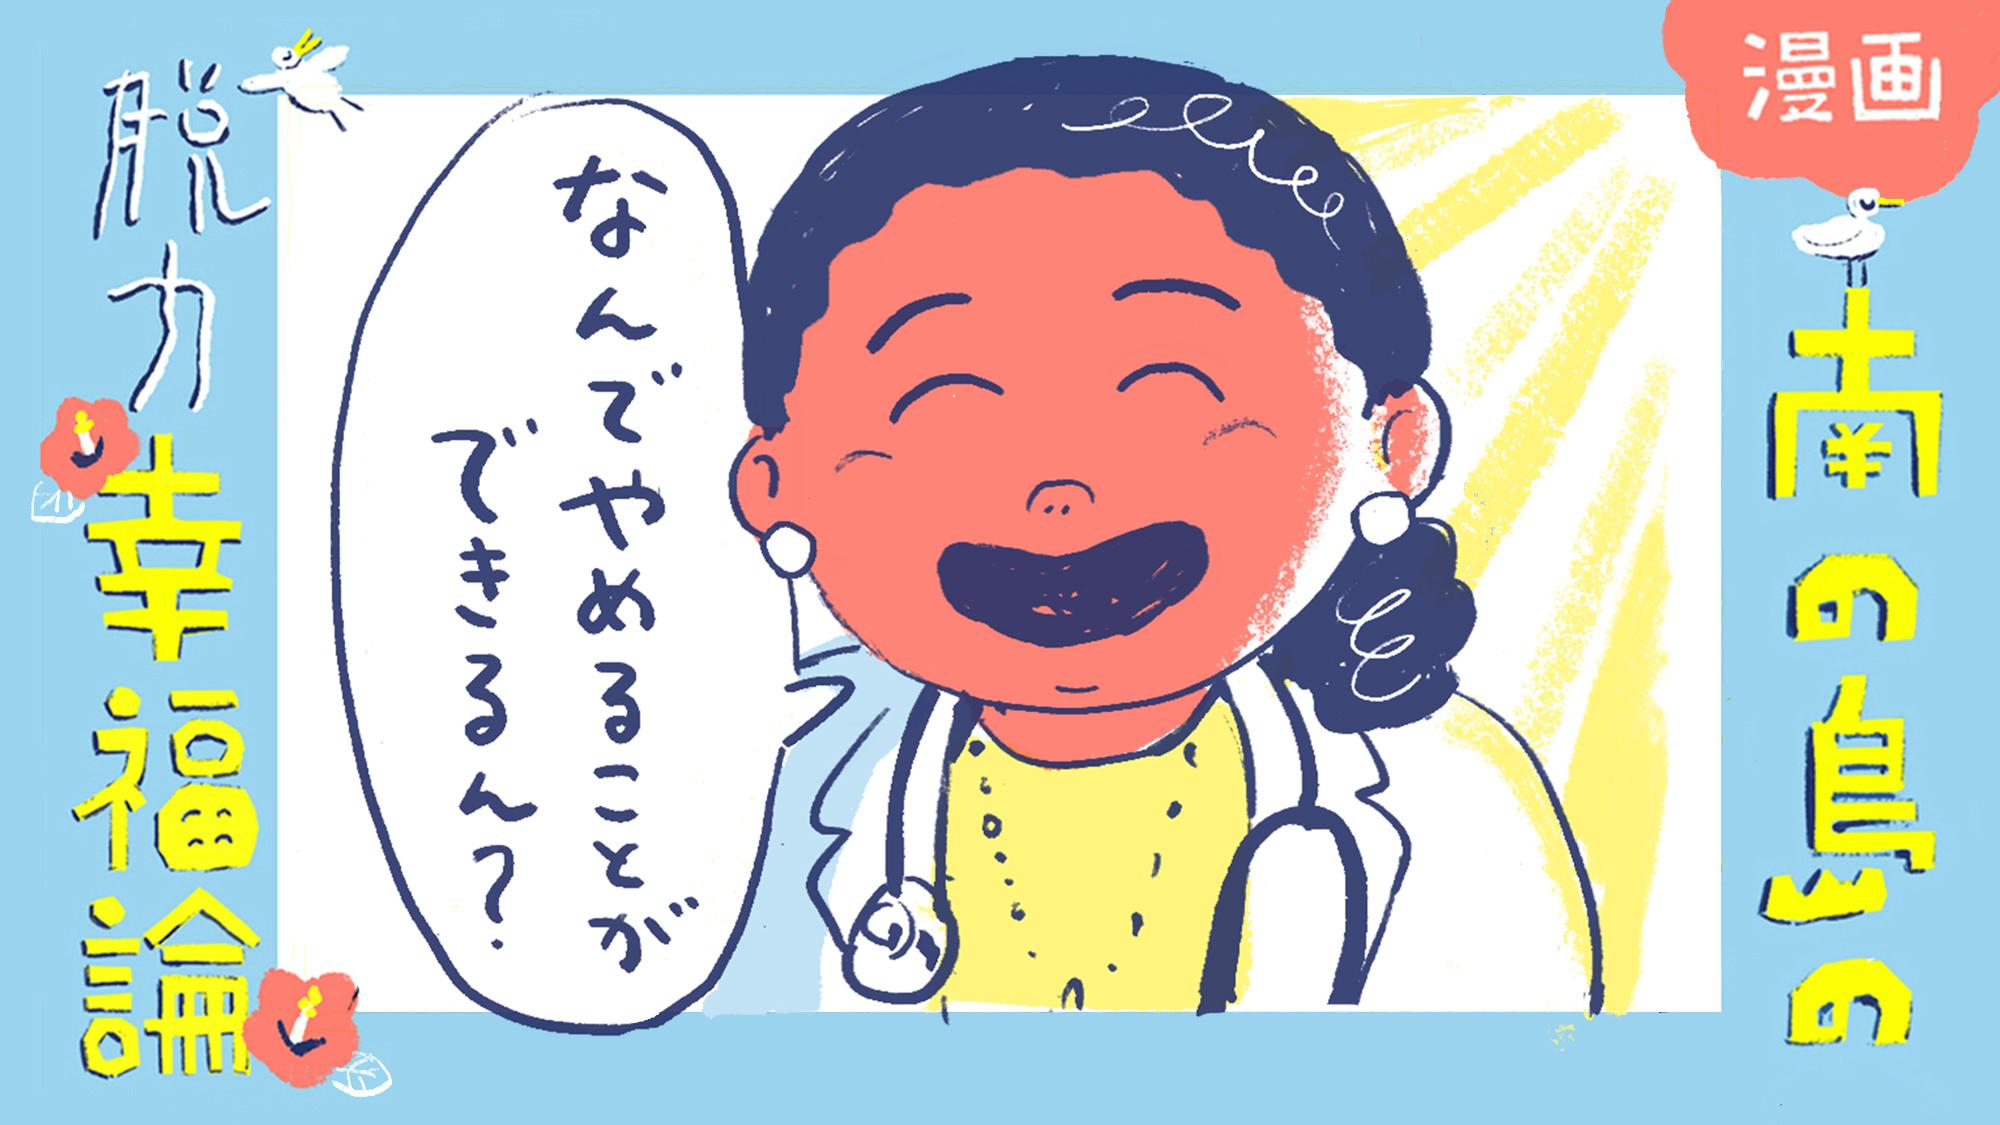 【漫画】南の島の脱力幸福論(25)〜忘れる日本人、祈り続けるフィジー人 #次回最終回